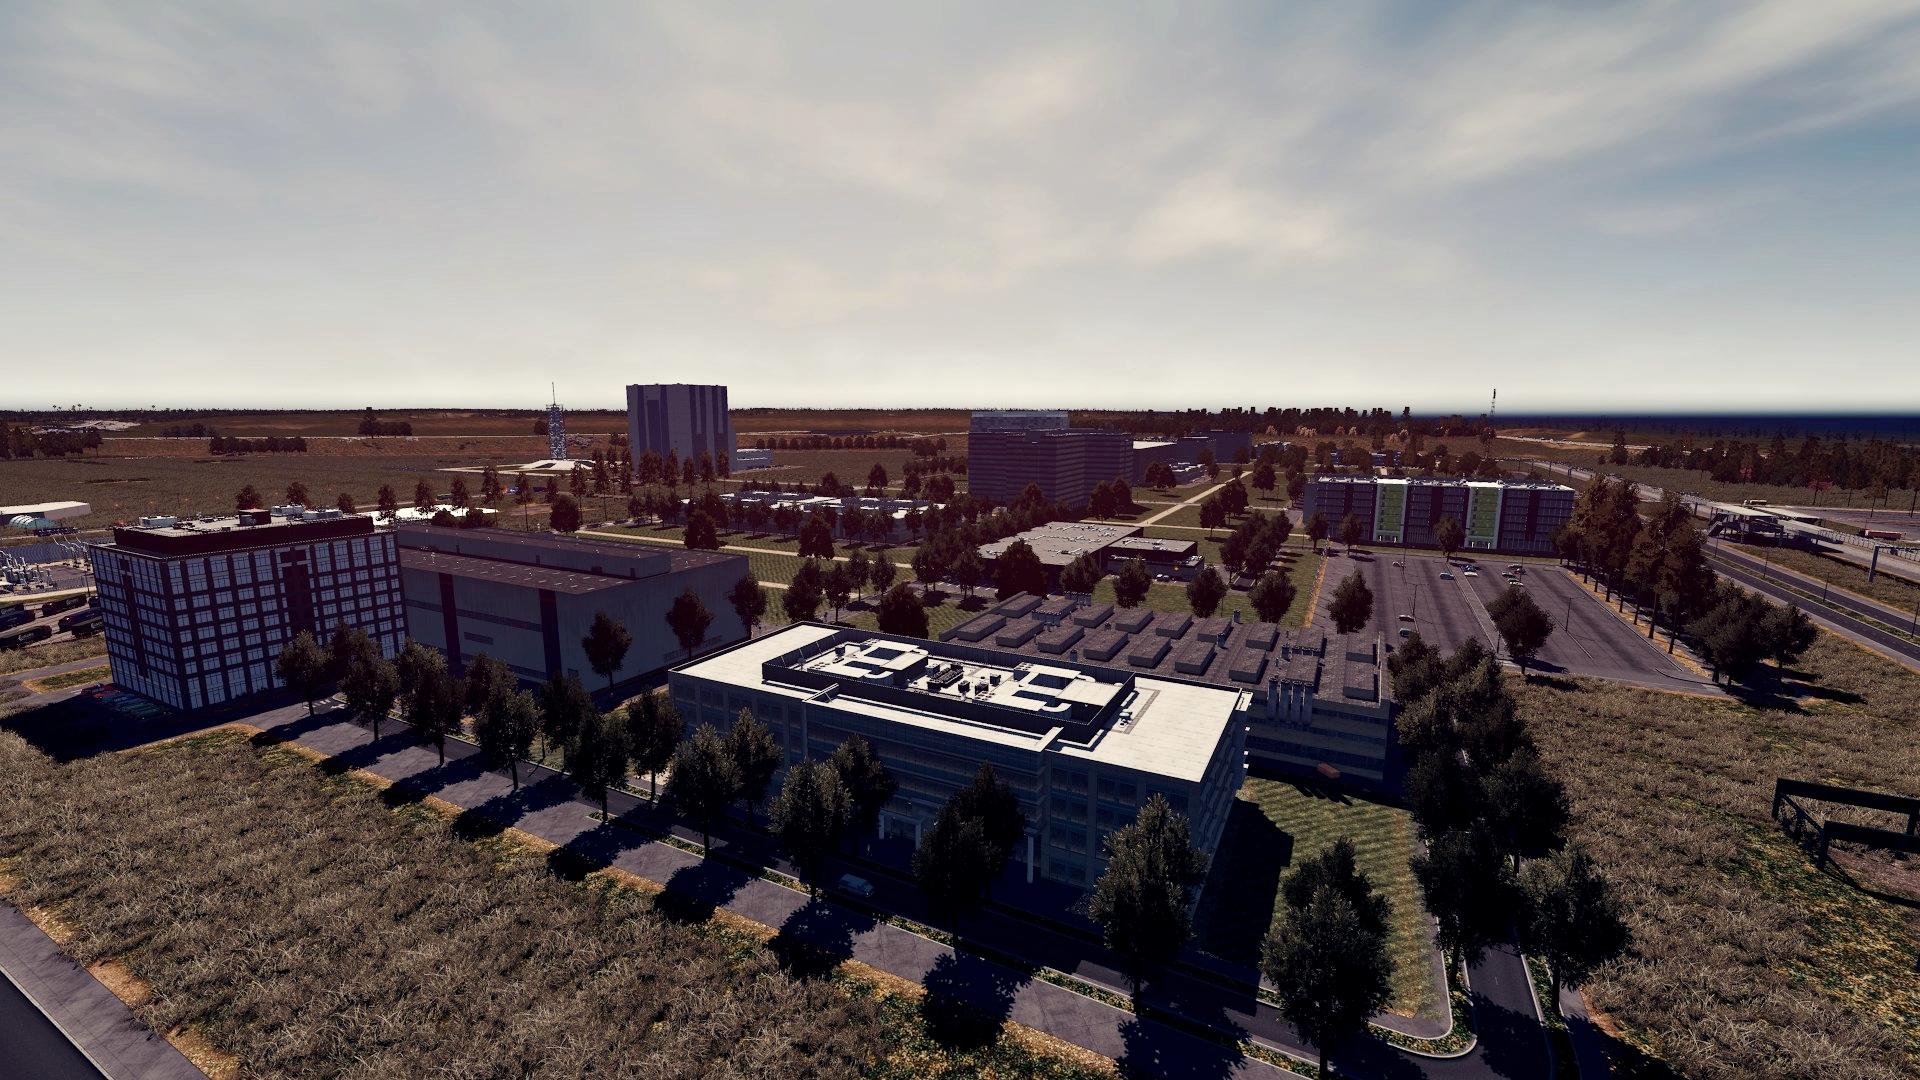 Djavolja Varos. (Maj complexe pétrolier p6, par industriel p5) à mettre à la corbeille sv - Page 3 180827112238276129